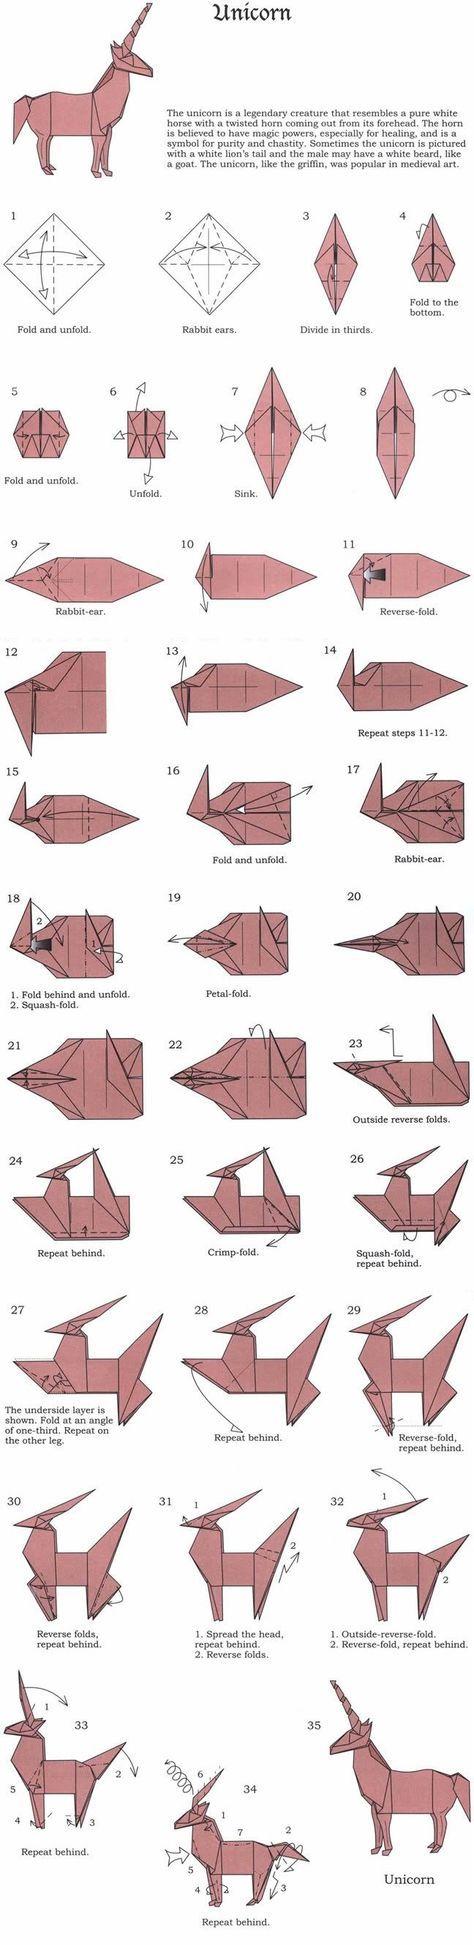 Les origamis ? Rien de plus simple ! Une feuille de papier coloré, un patron à suivre et hop nos kids peuvent réaliser leurs origamis préférés :D Idéal pour patienter jusqu'aux 12 coups de minuit !